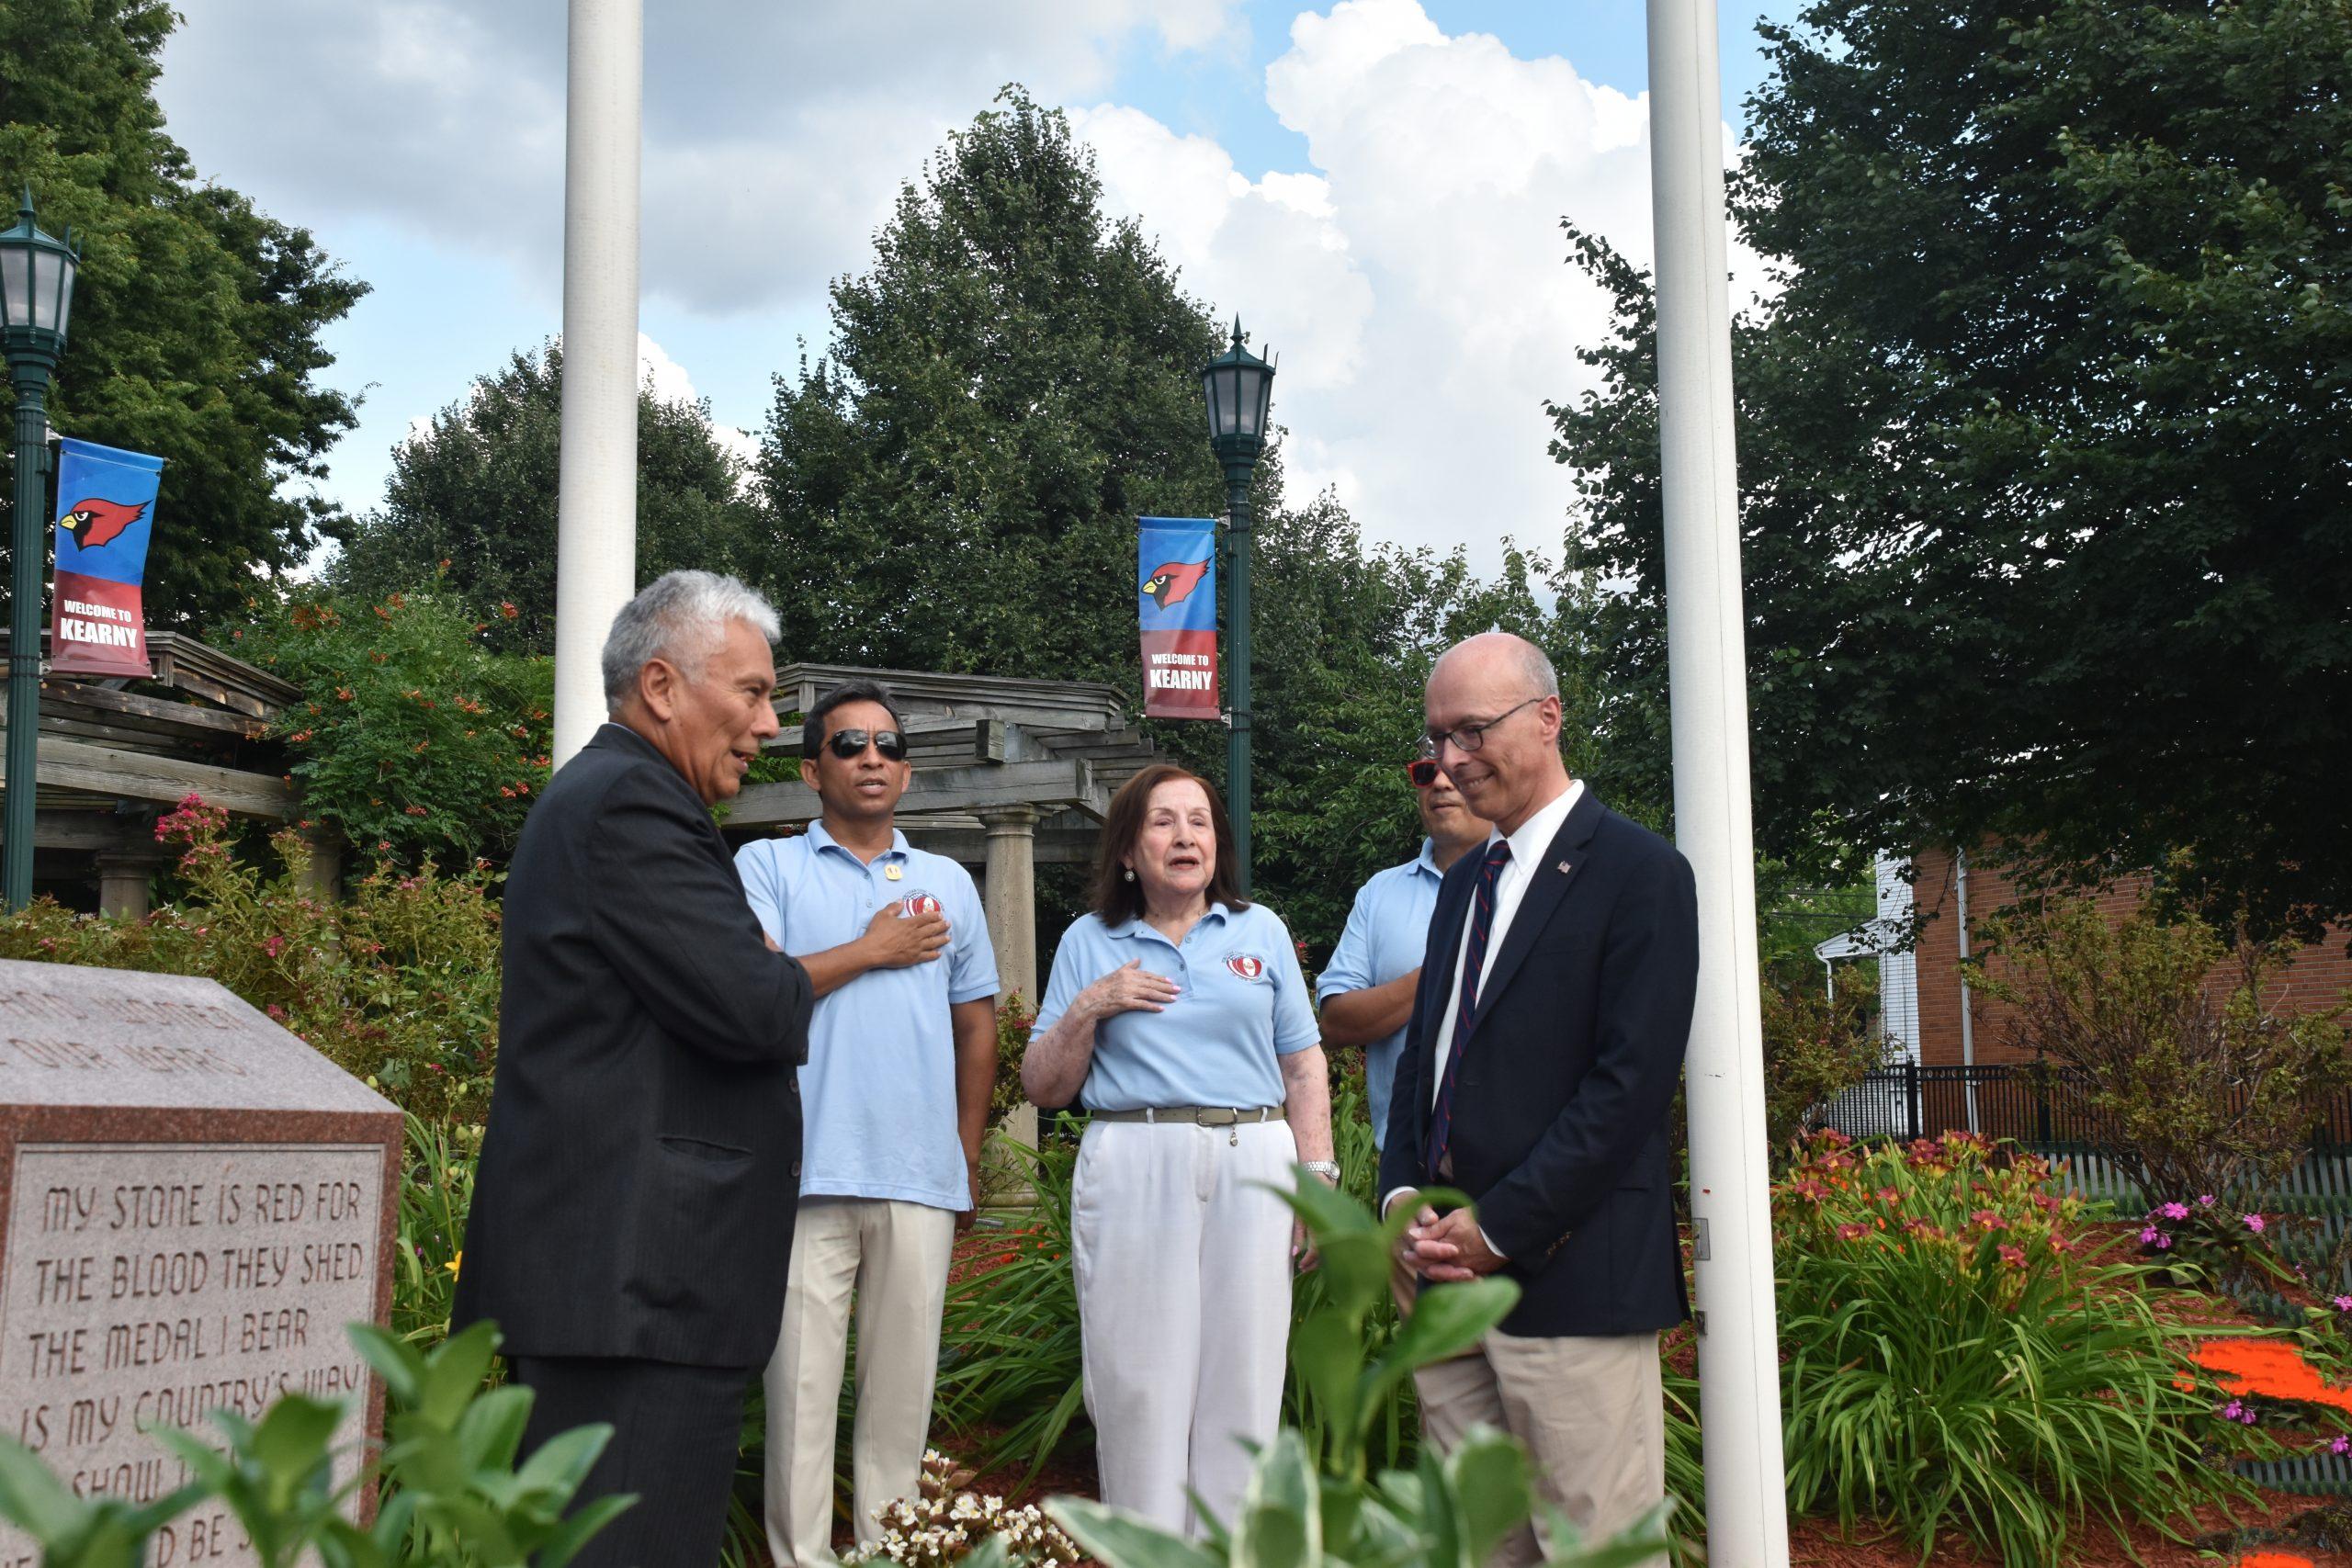 2021-07-09 PERUVIAN FLAG RAISING AT TOWN HALL 7-9-2021_00039